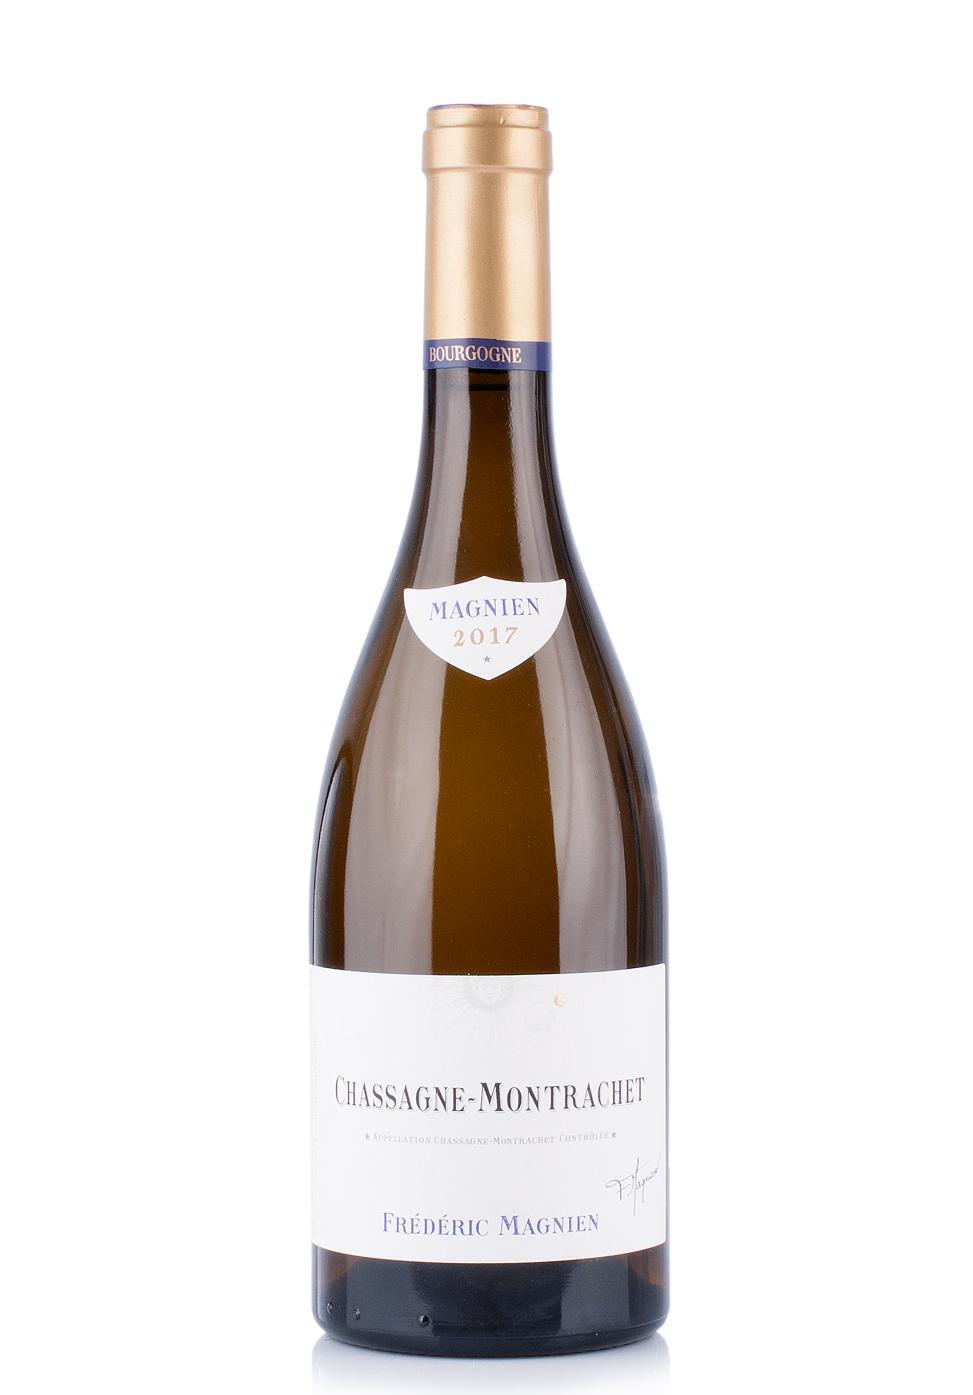 Vin Frederic Magnien Chassagne Montrachet 2017 (0.75L)